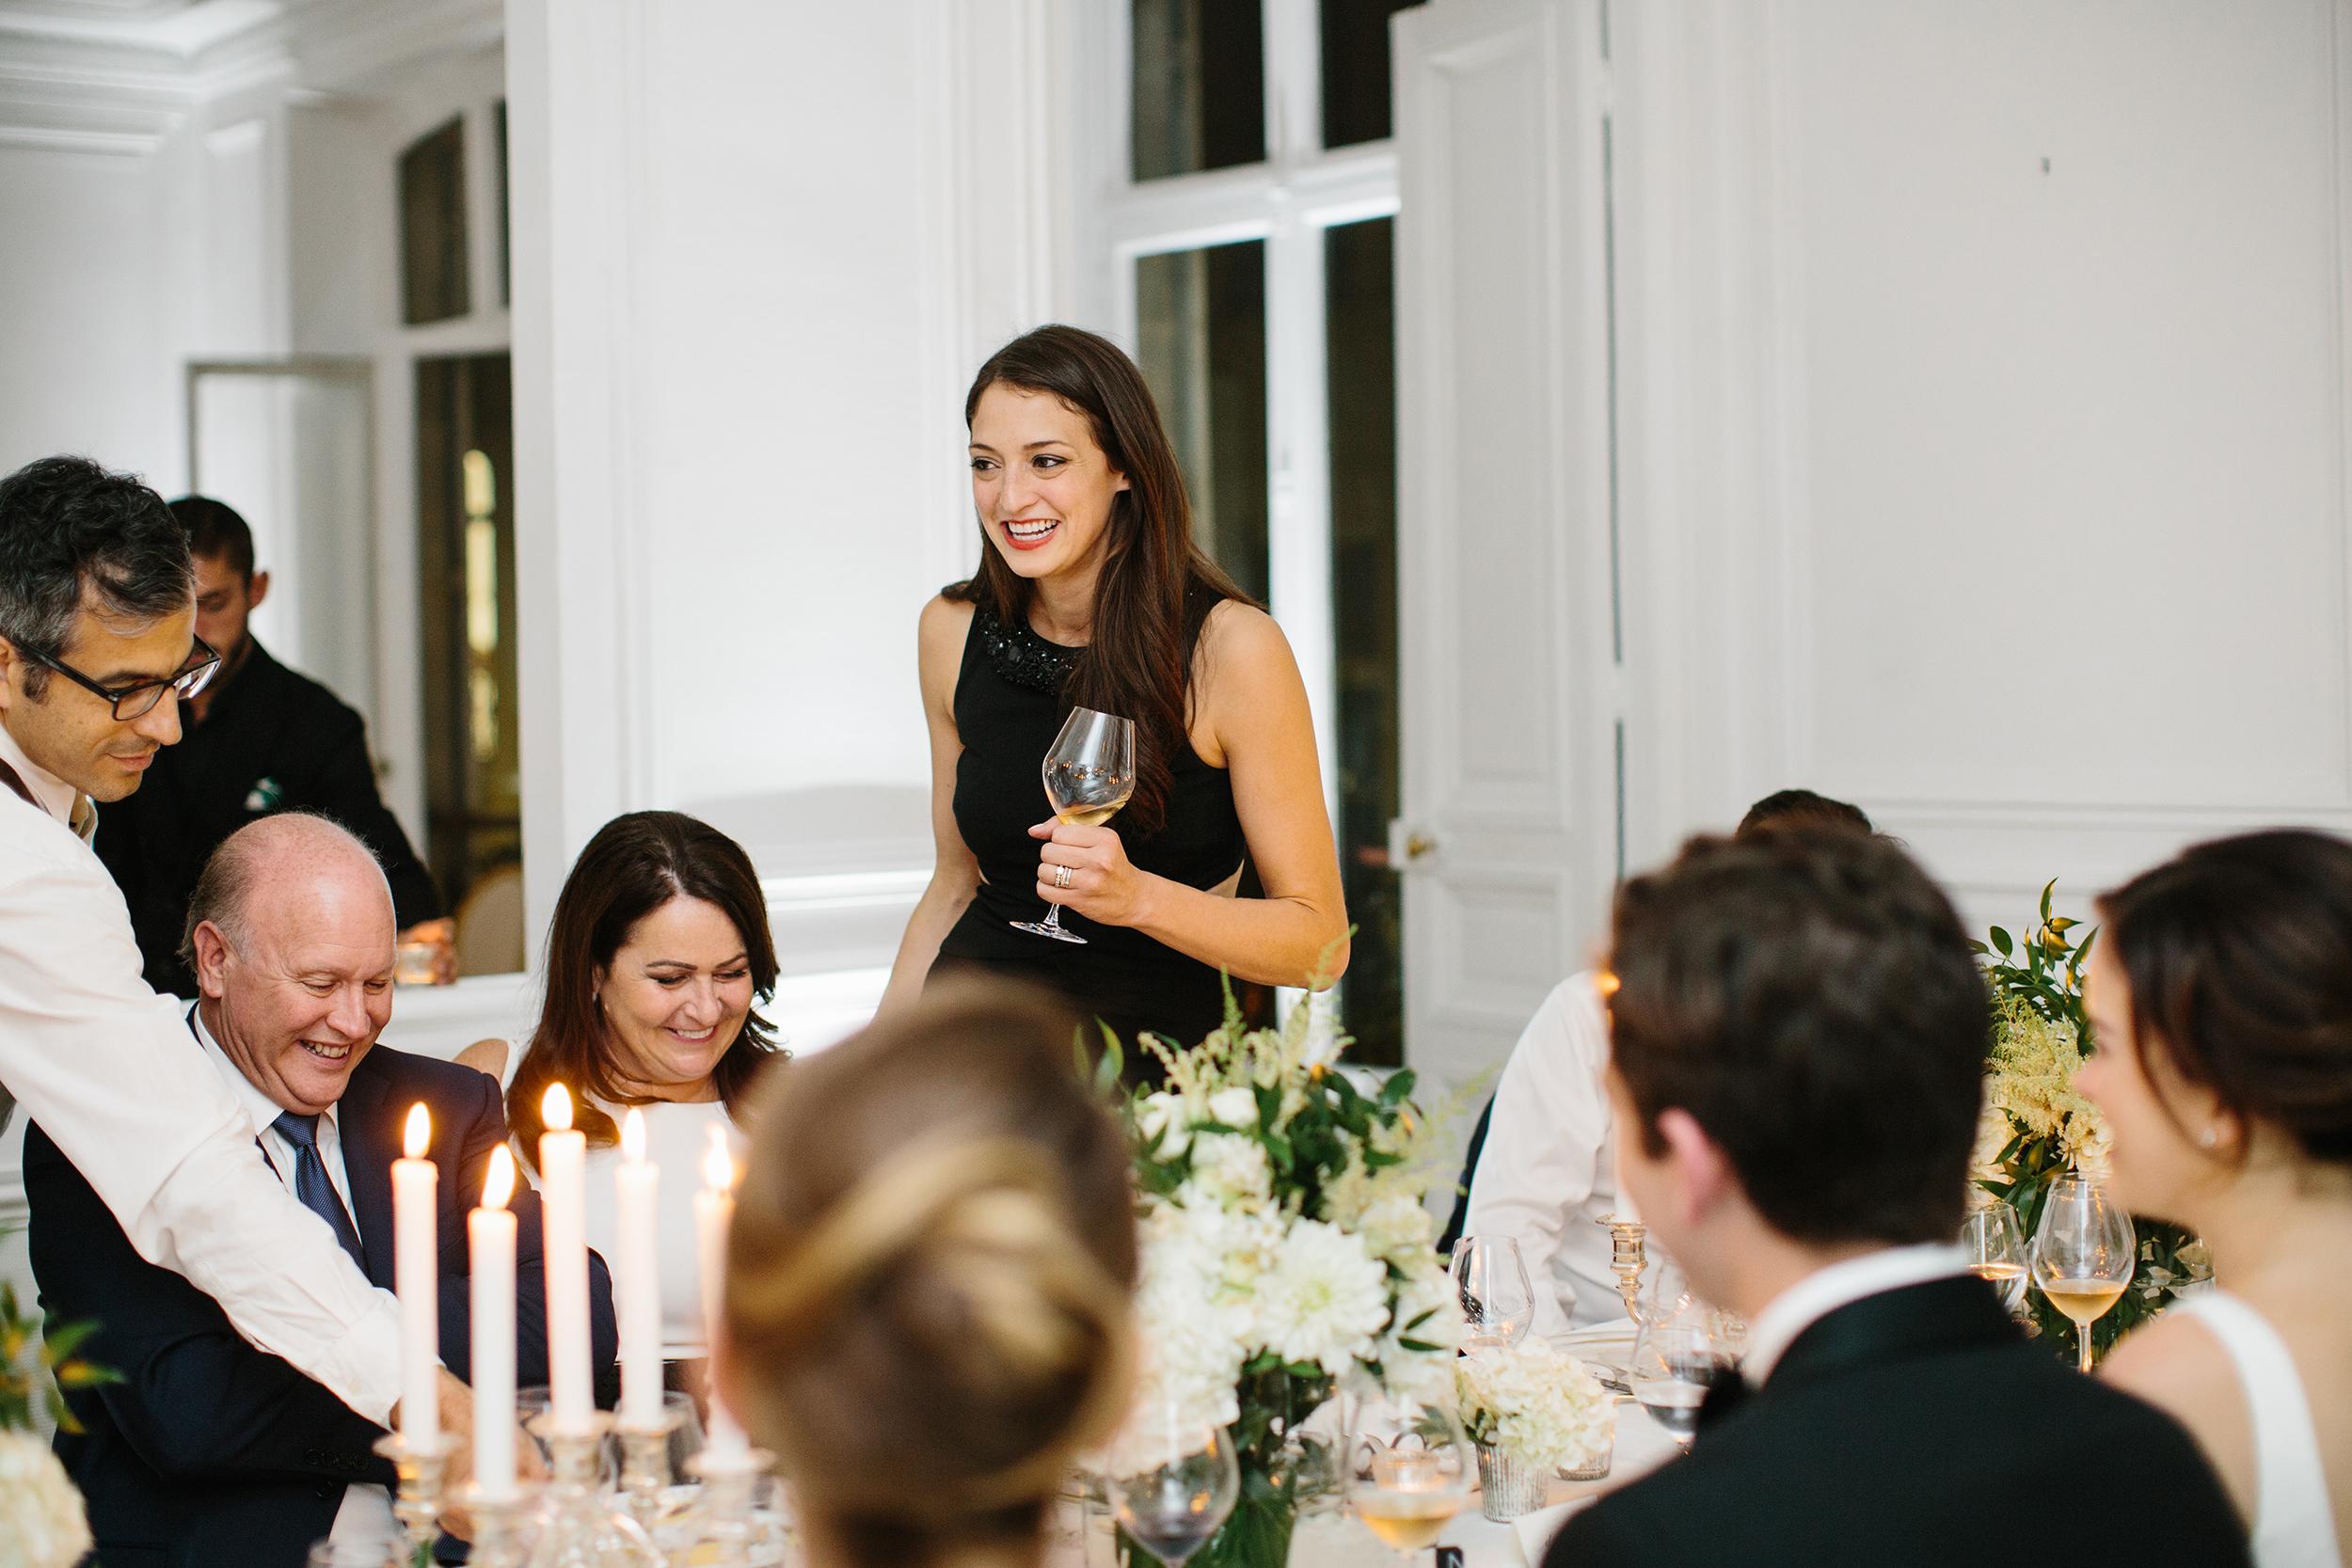 Maid of Honor Wedding Toast